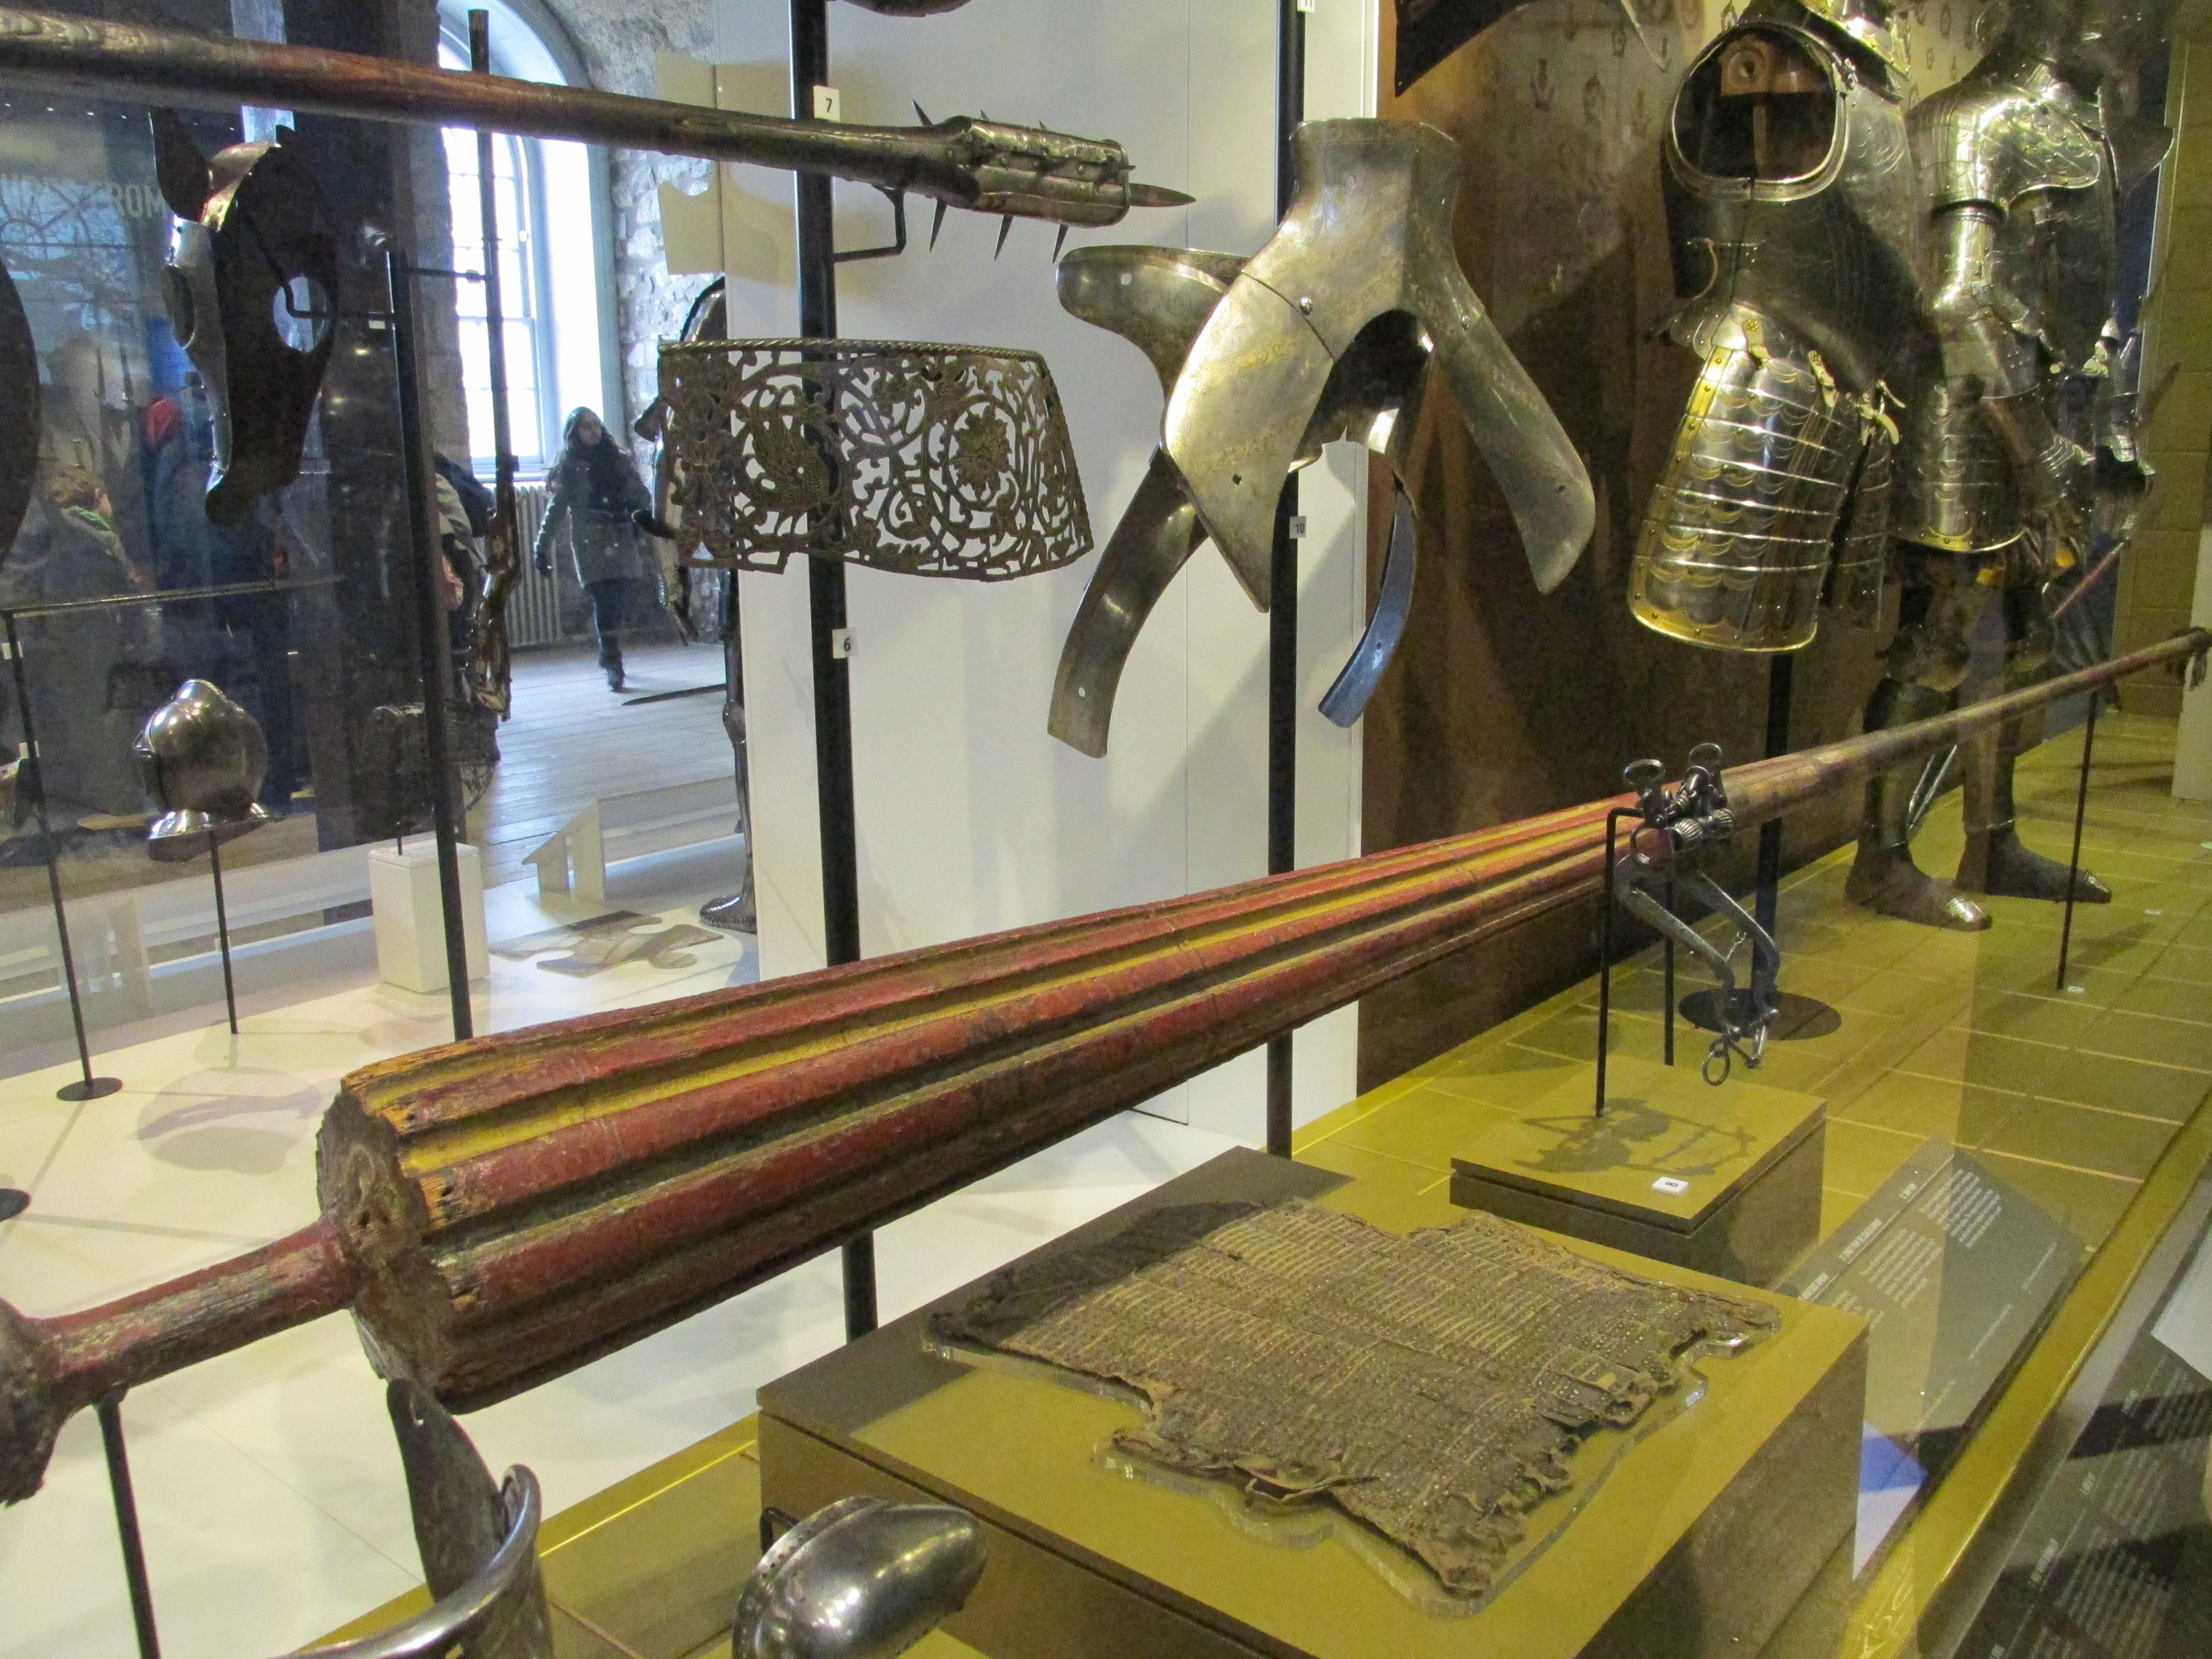 IMG 1795 - Visitando la Torre de Londres